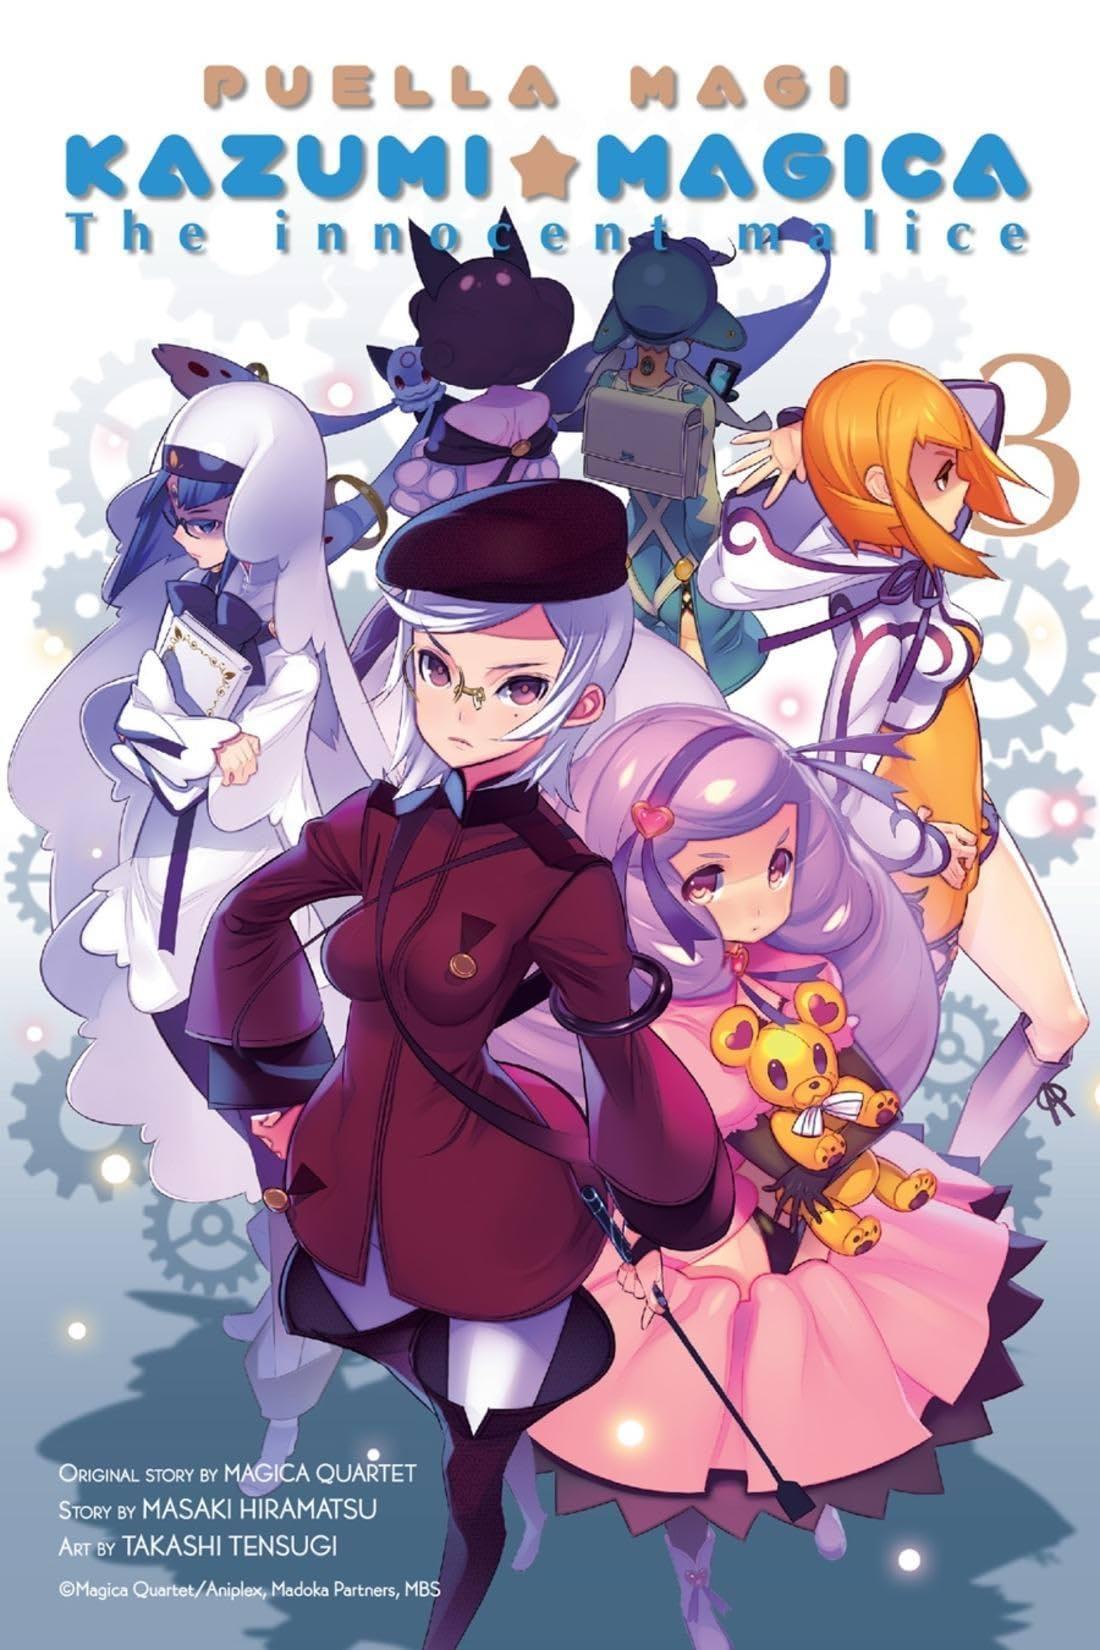 Puella Magi Kazumi Magica Vol. 3: The Innocent Malice